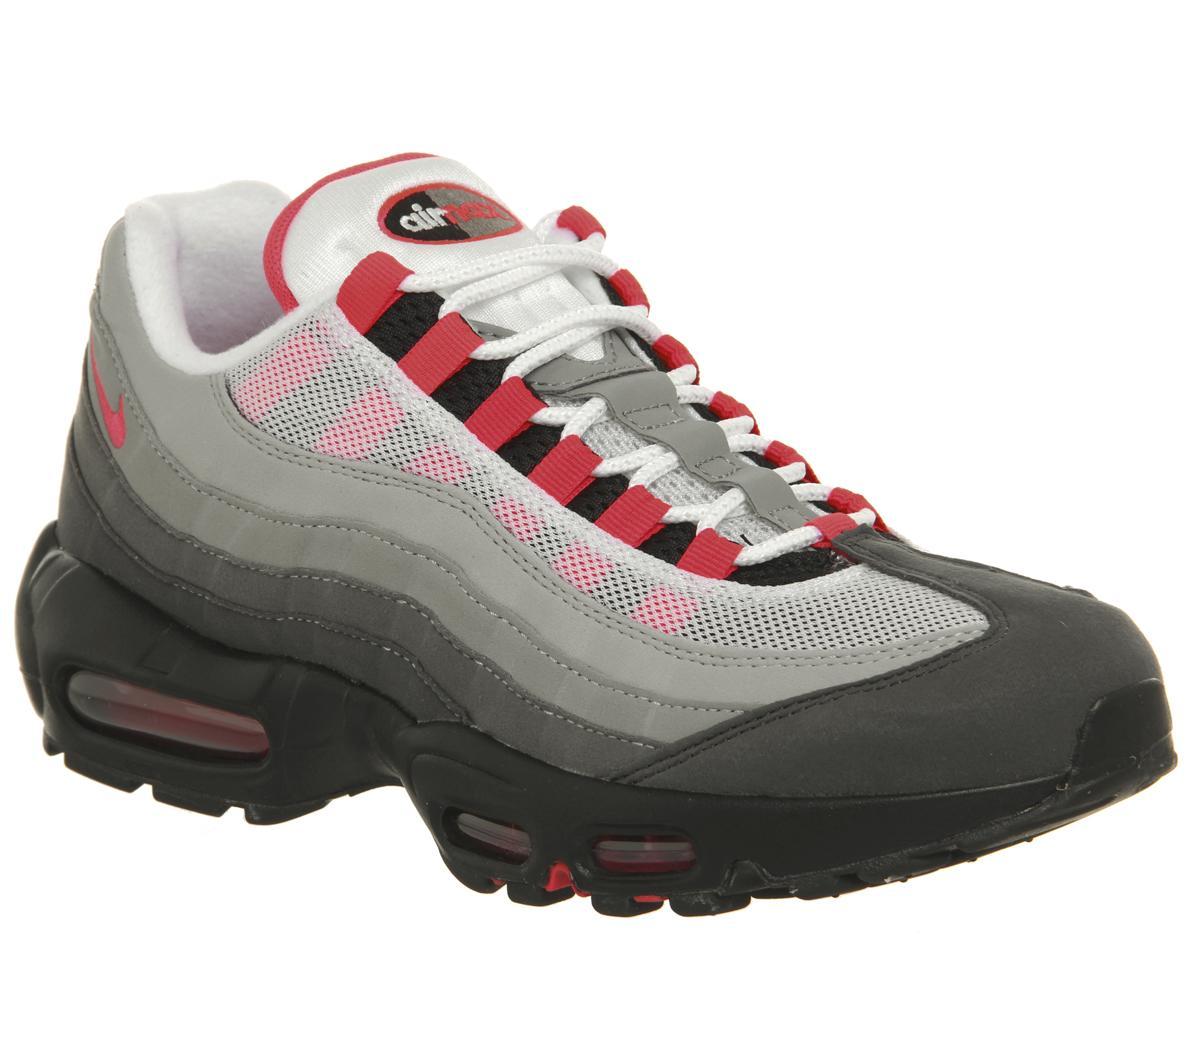 Honesto Movilizar Búho  nike air max 95 solar red Cheap Nike Air Max Shoes